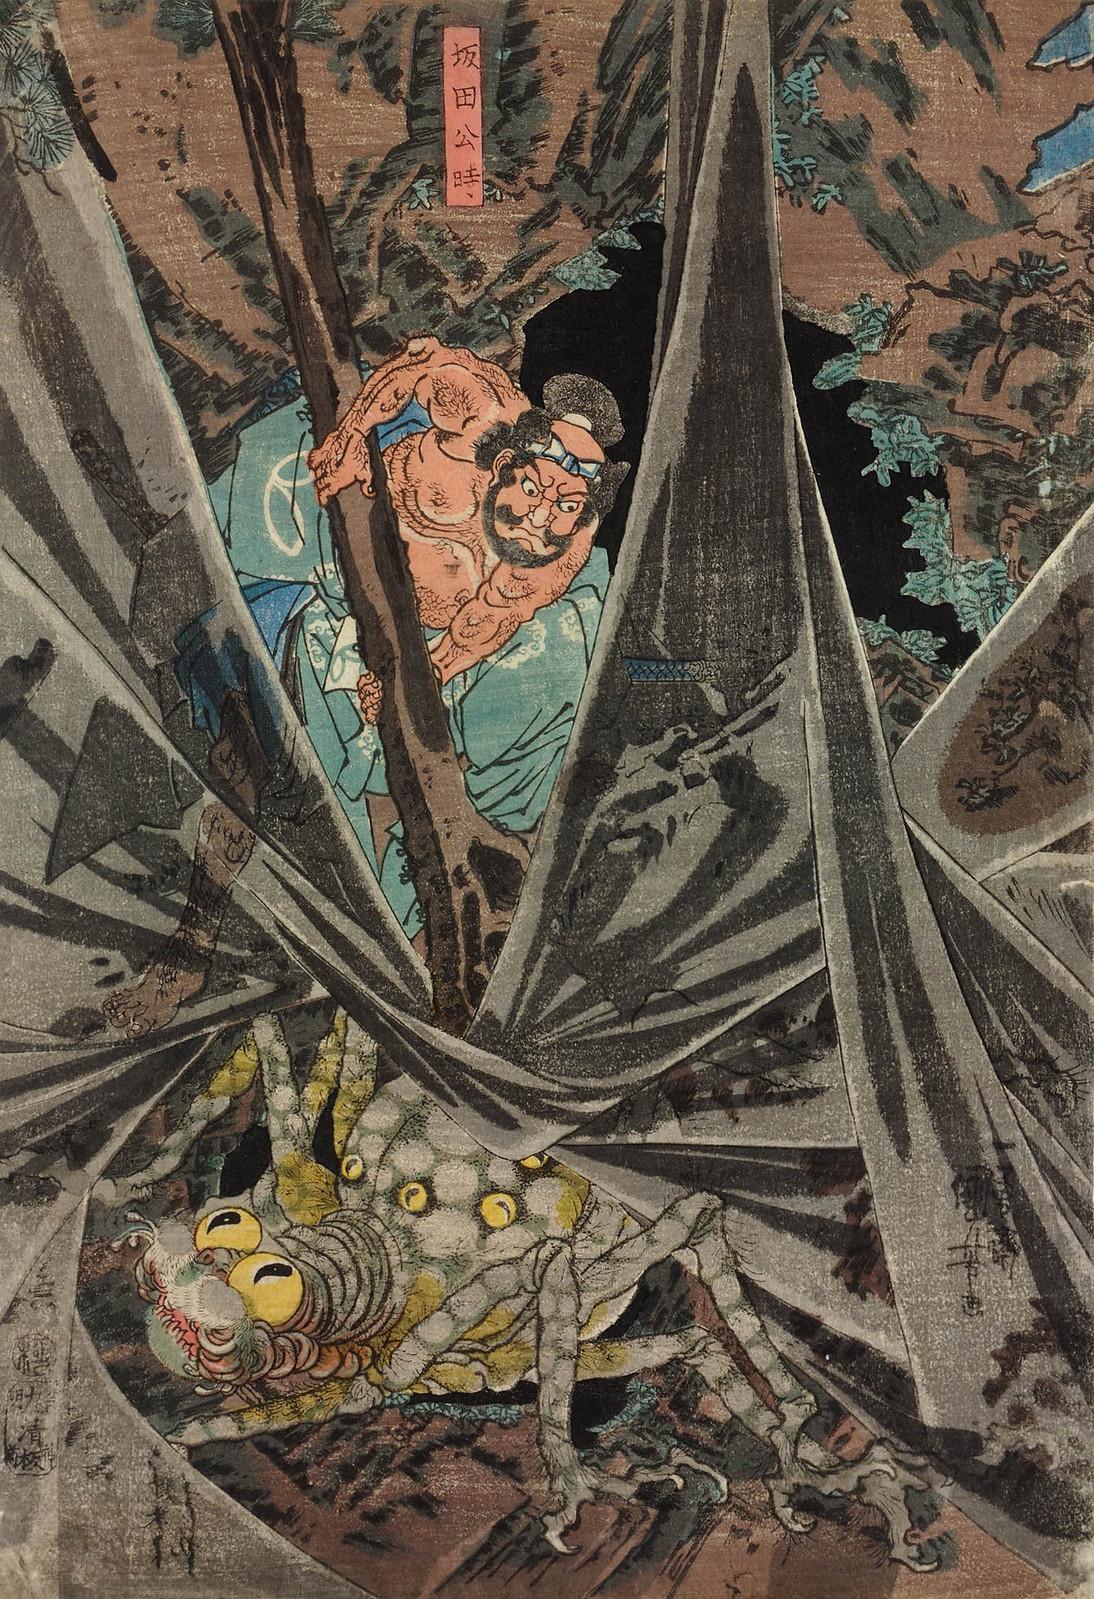 Utagawa Kuniyoshi - Minamoto no Yorimitsu no shitenno tsuchigumo taiji no zu, (The Earth Spider slain by Minamoto no Yorimitsu's retainers) 18th c (middle panel)